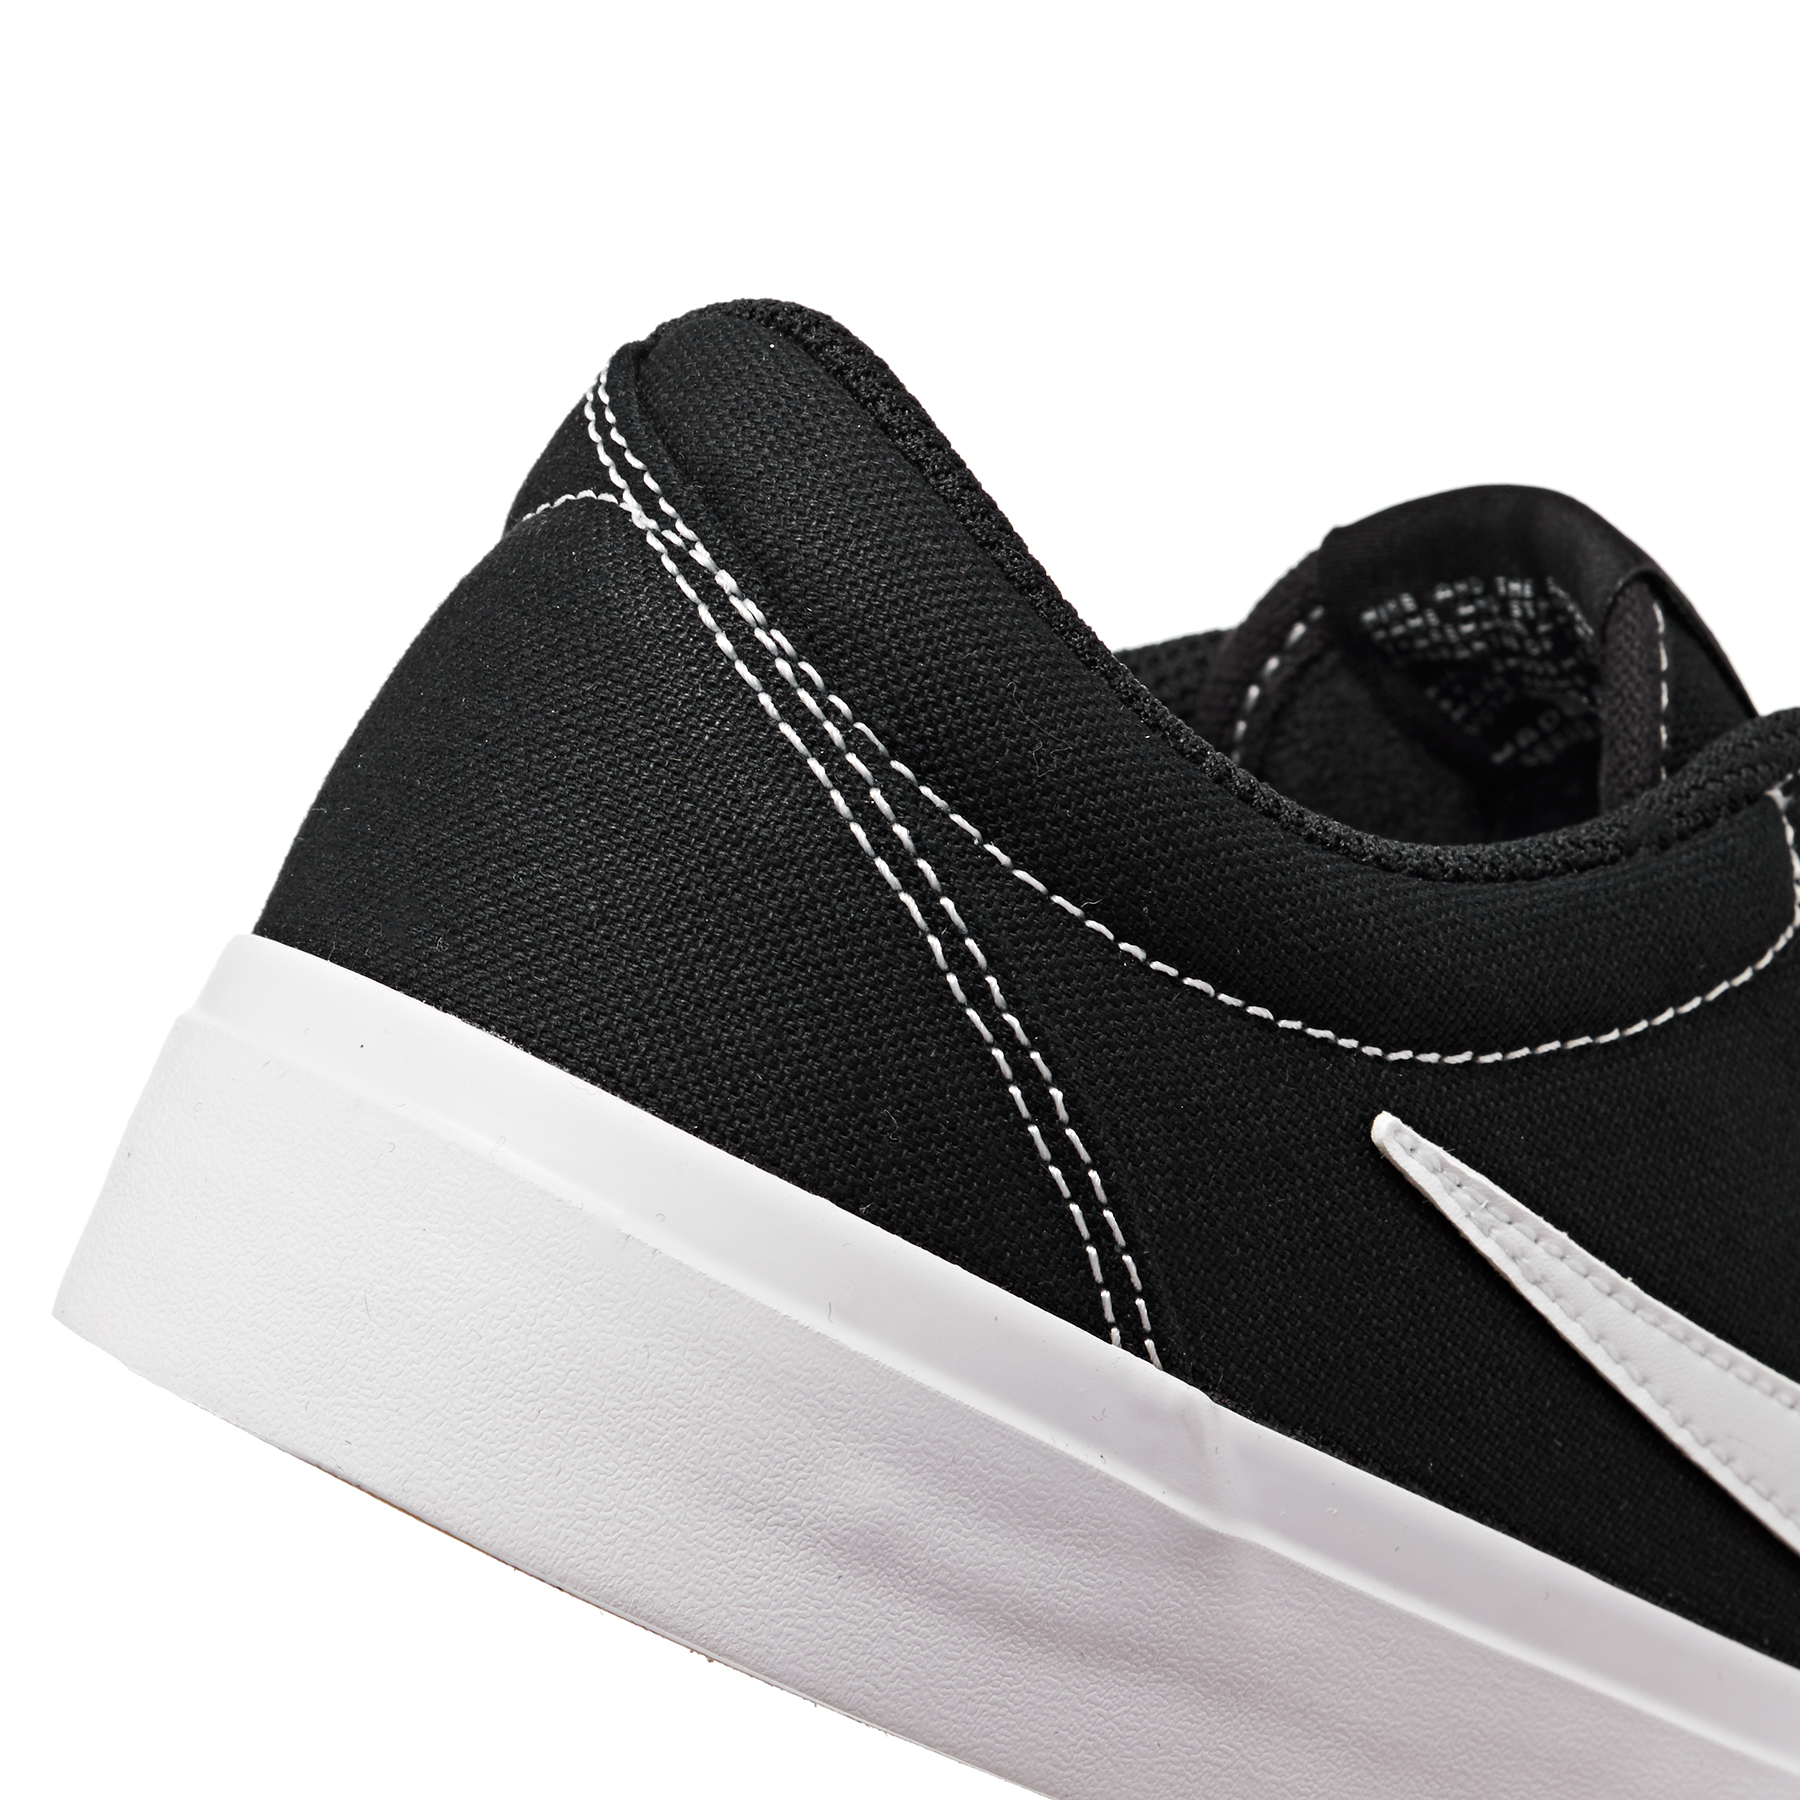 Sapatos Boys Nike SB Charge Canvas Envio Grátis* com as